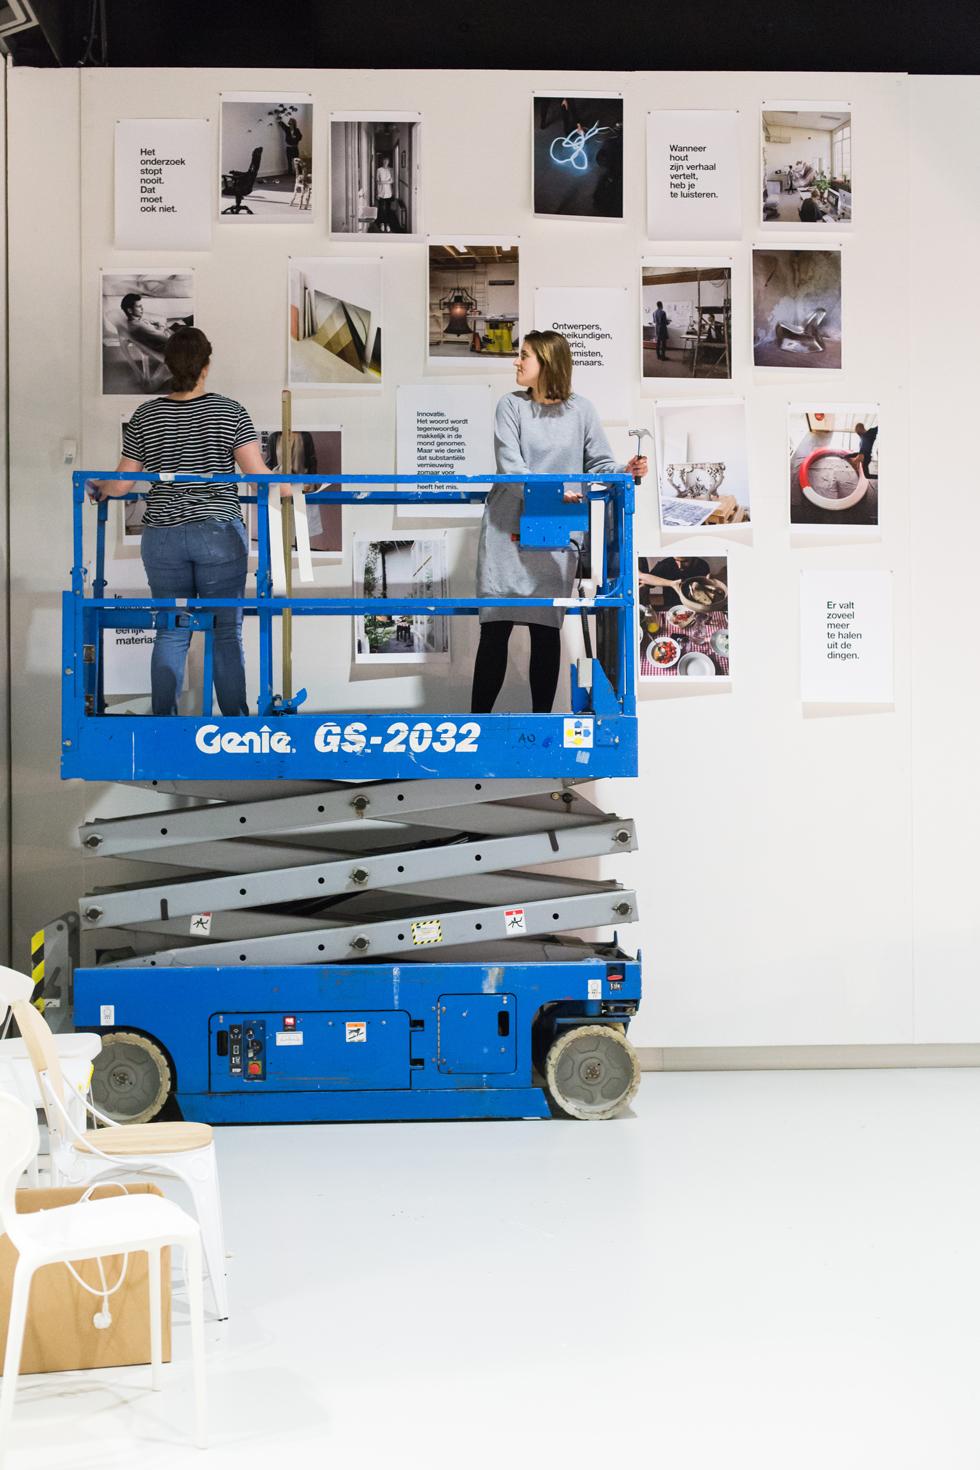 Achter-de-schermen-_-How-We-Work-6619